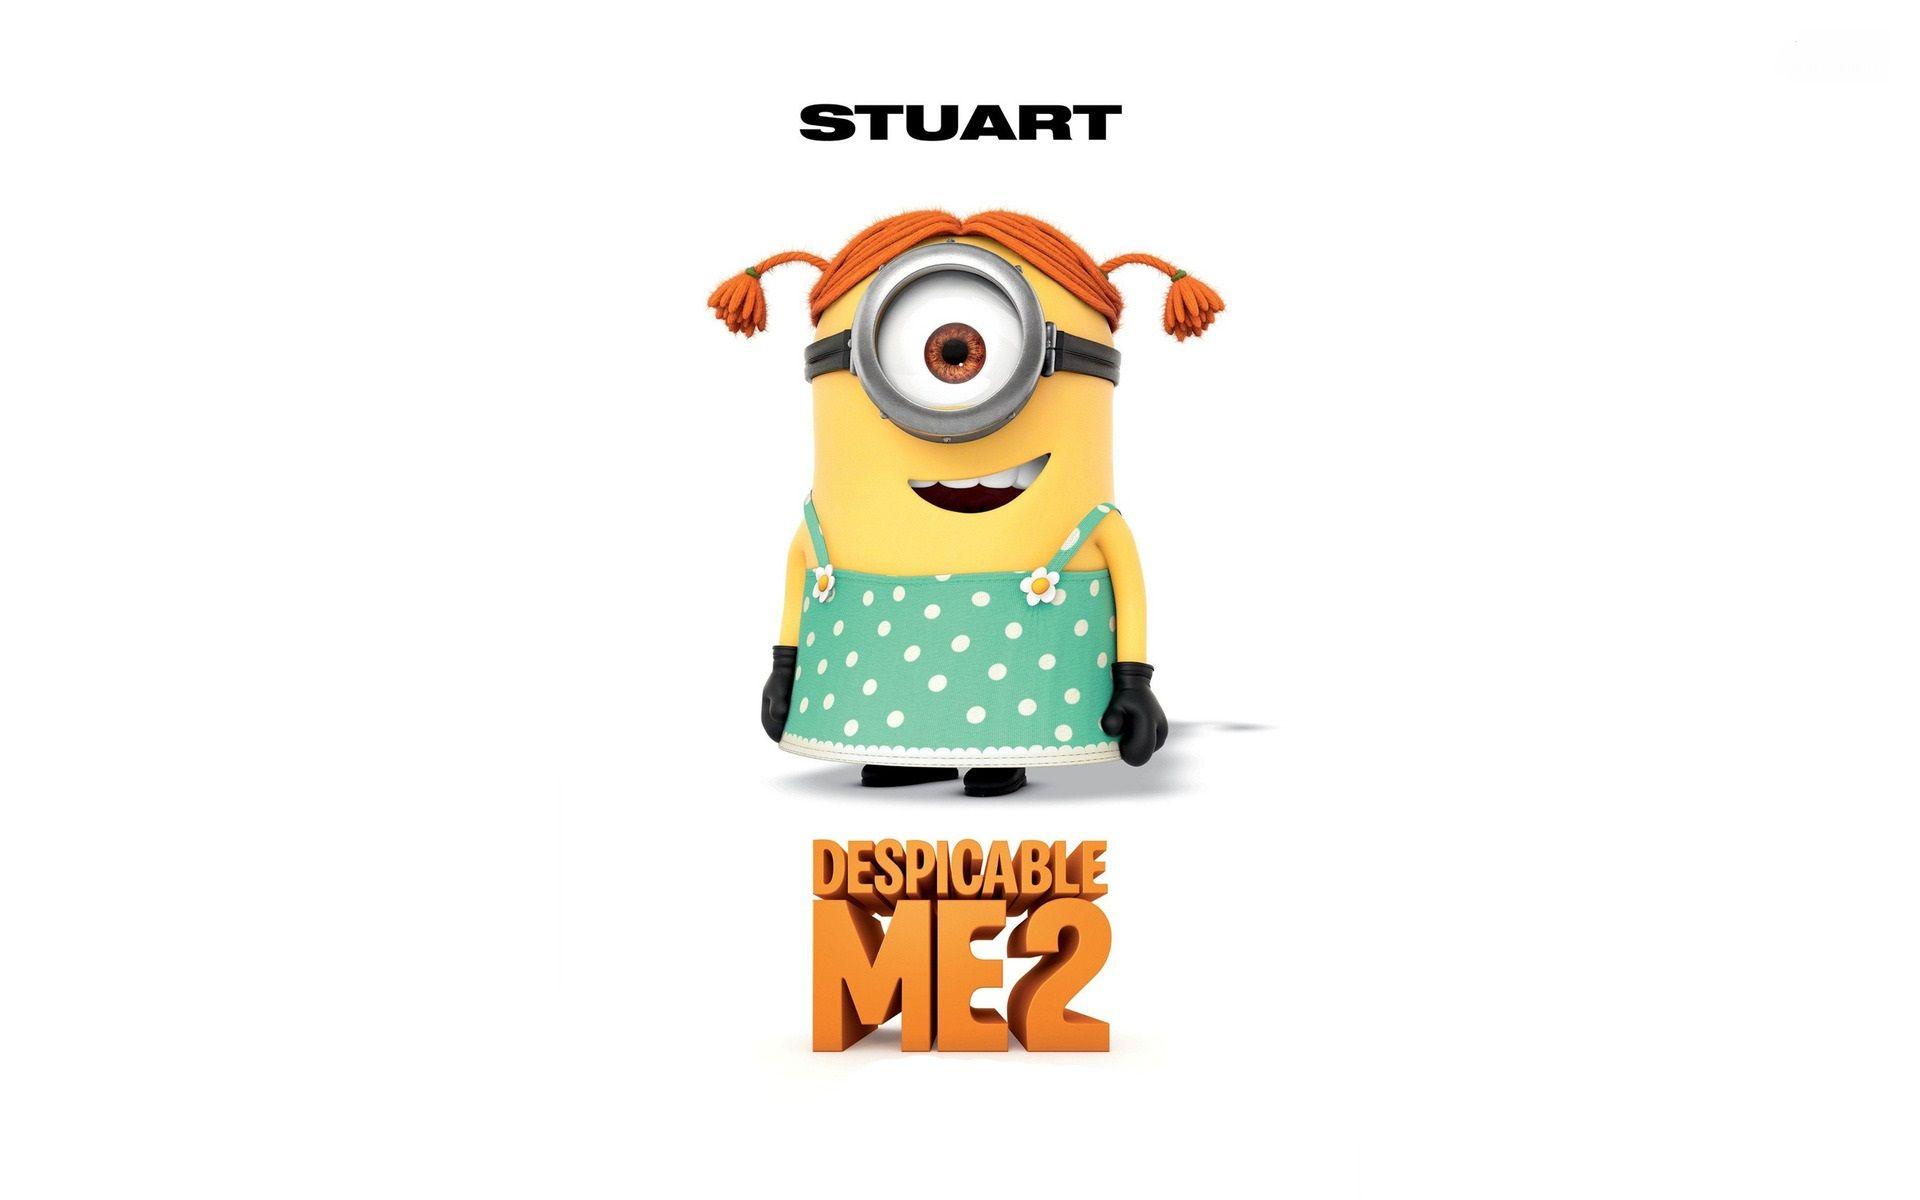 Despicable Me Minions Stuart